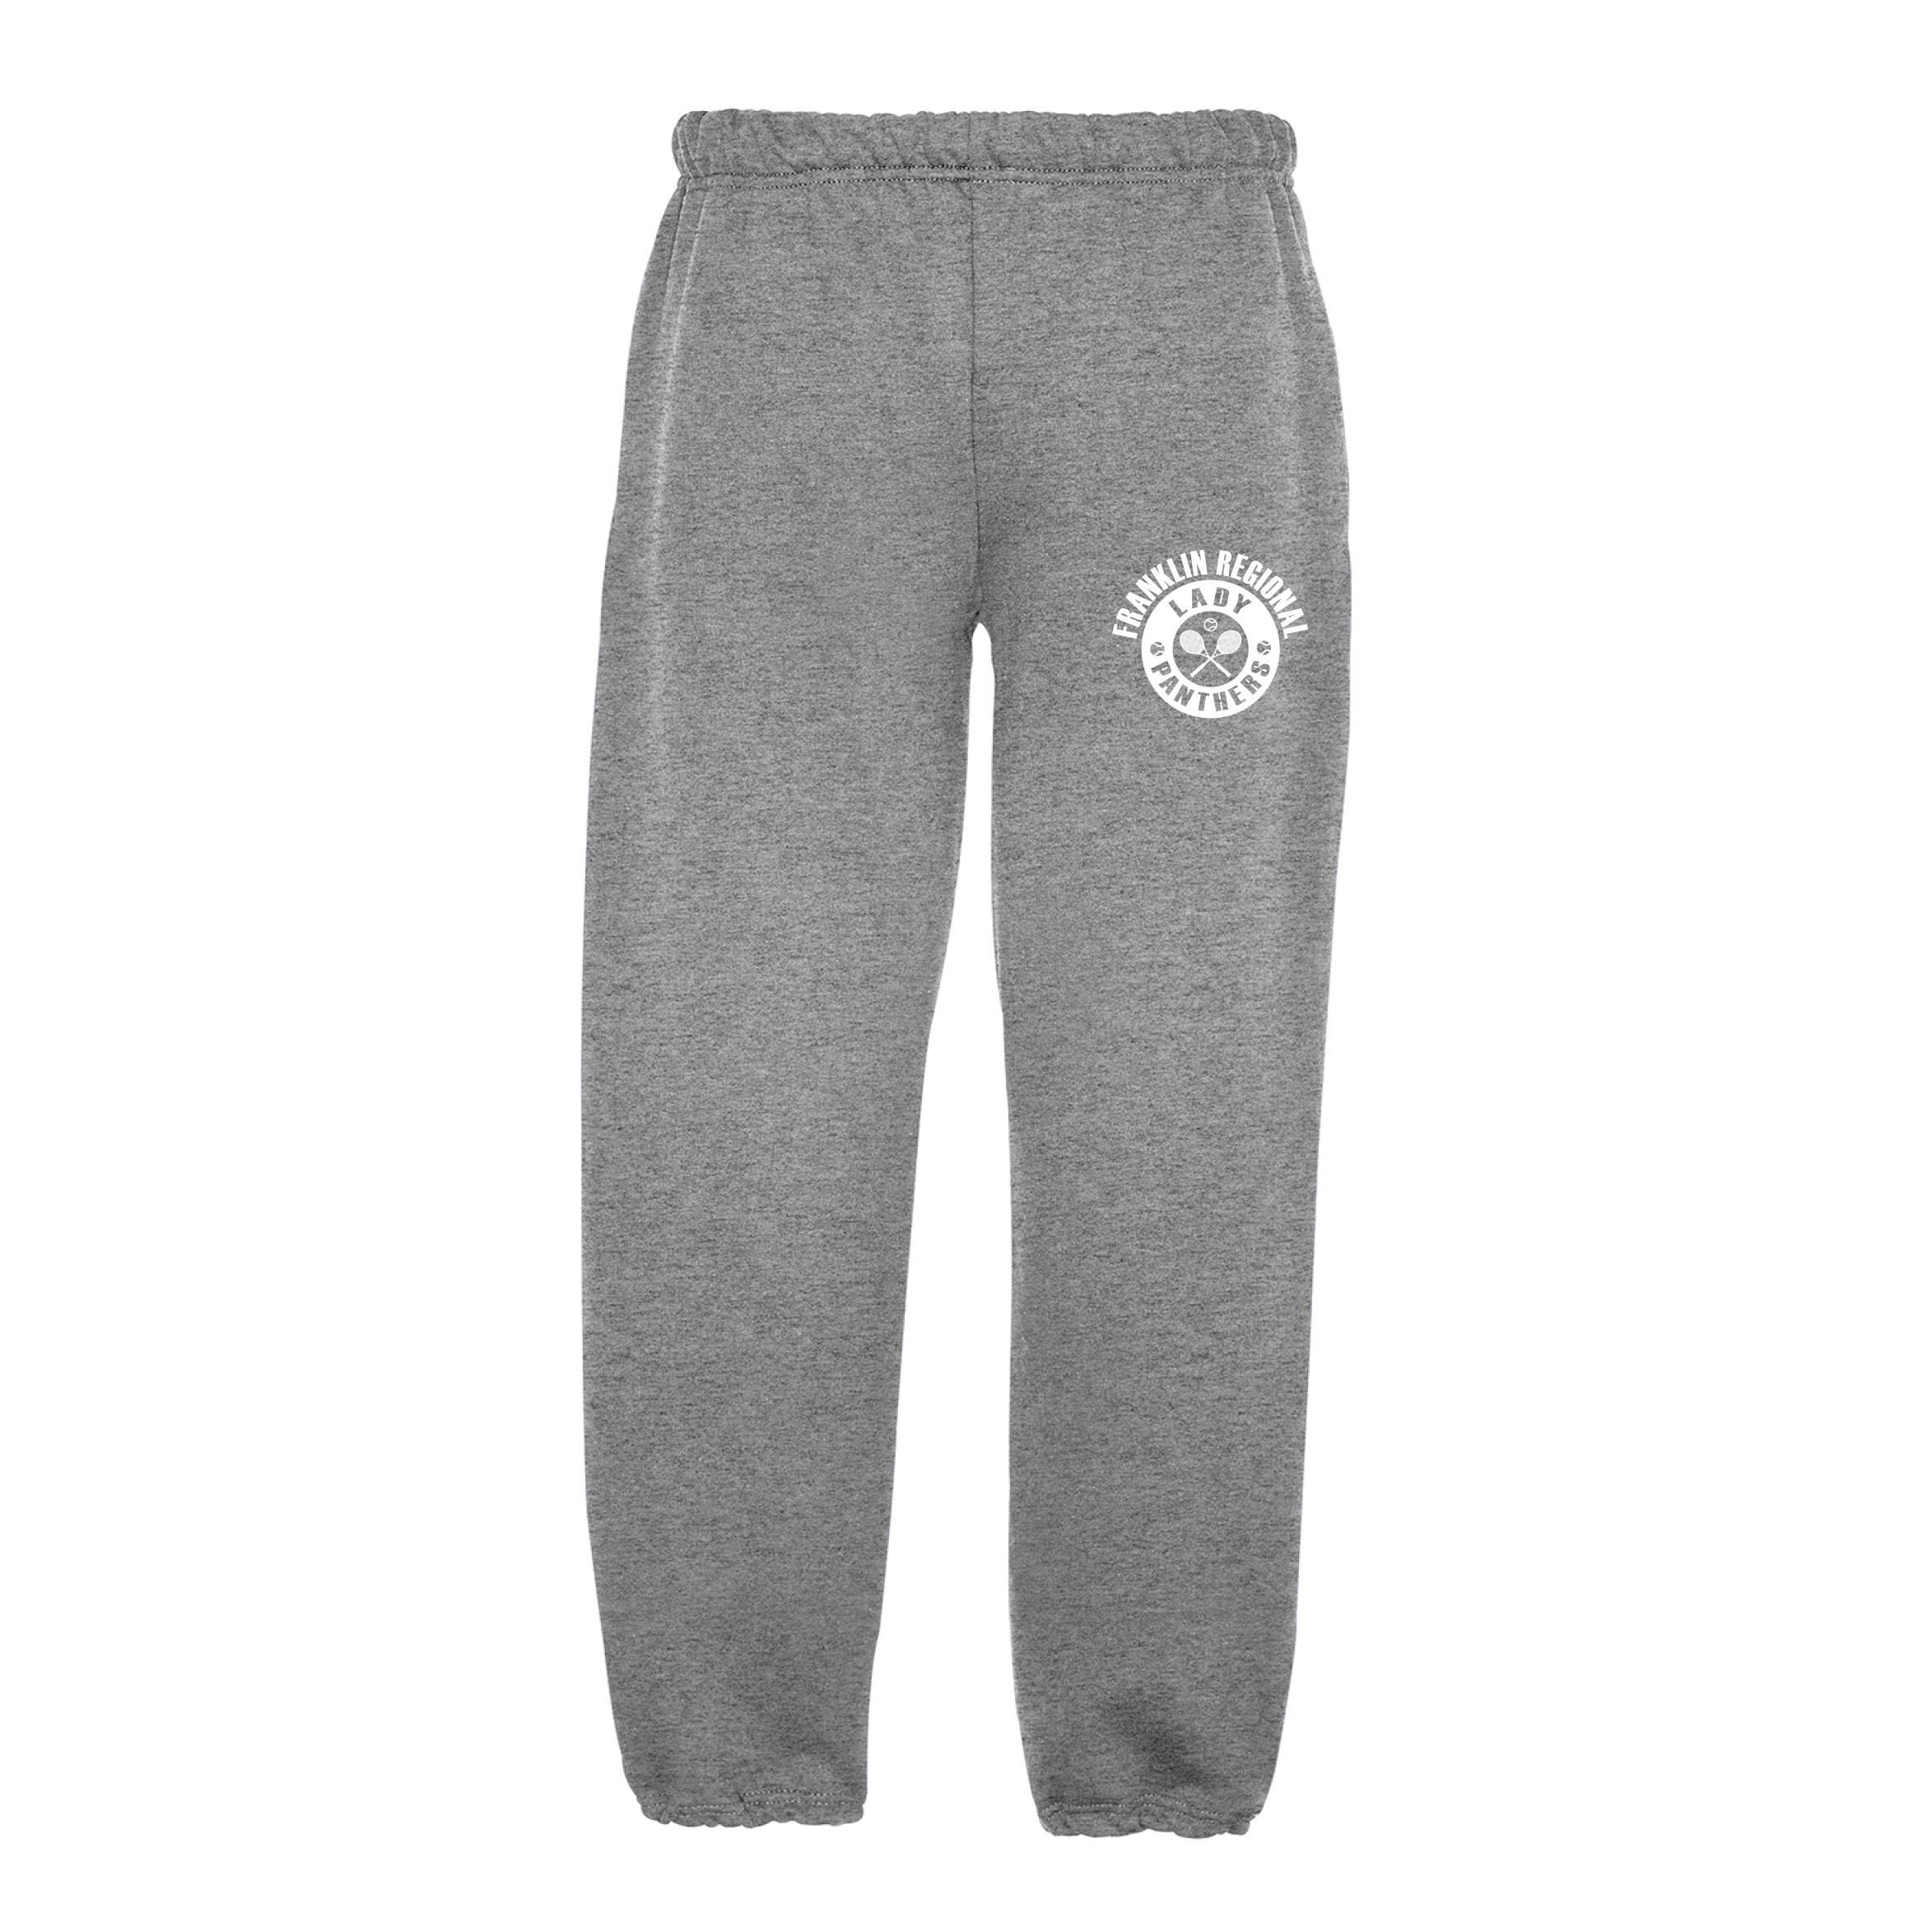 Jerzees Sweatpants with Pockets